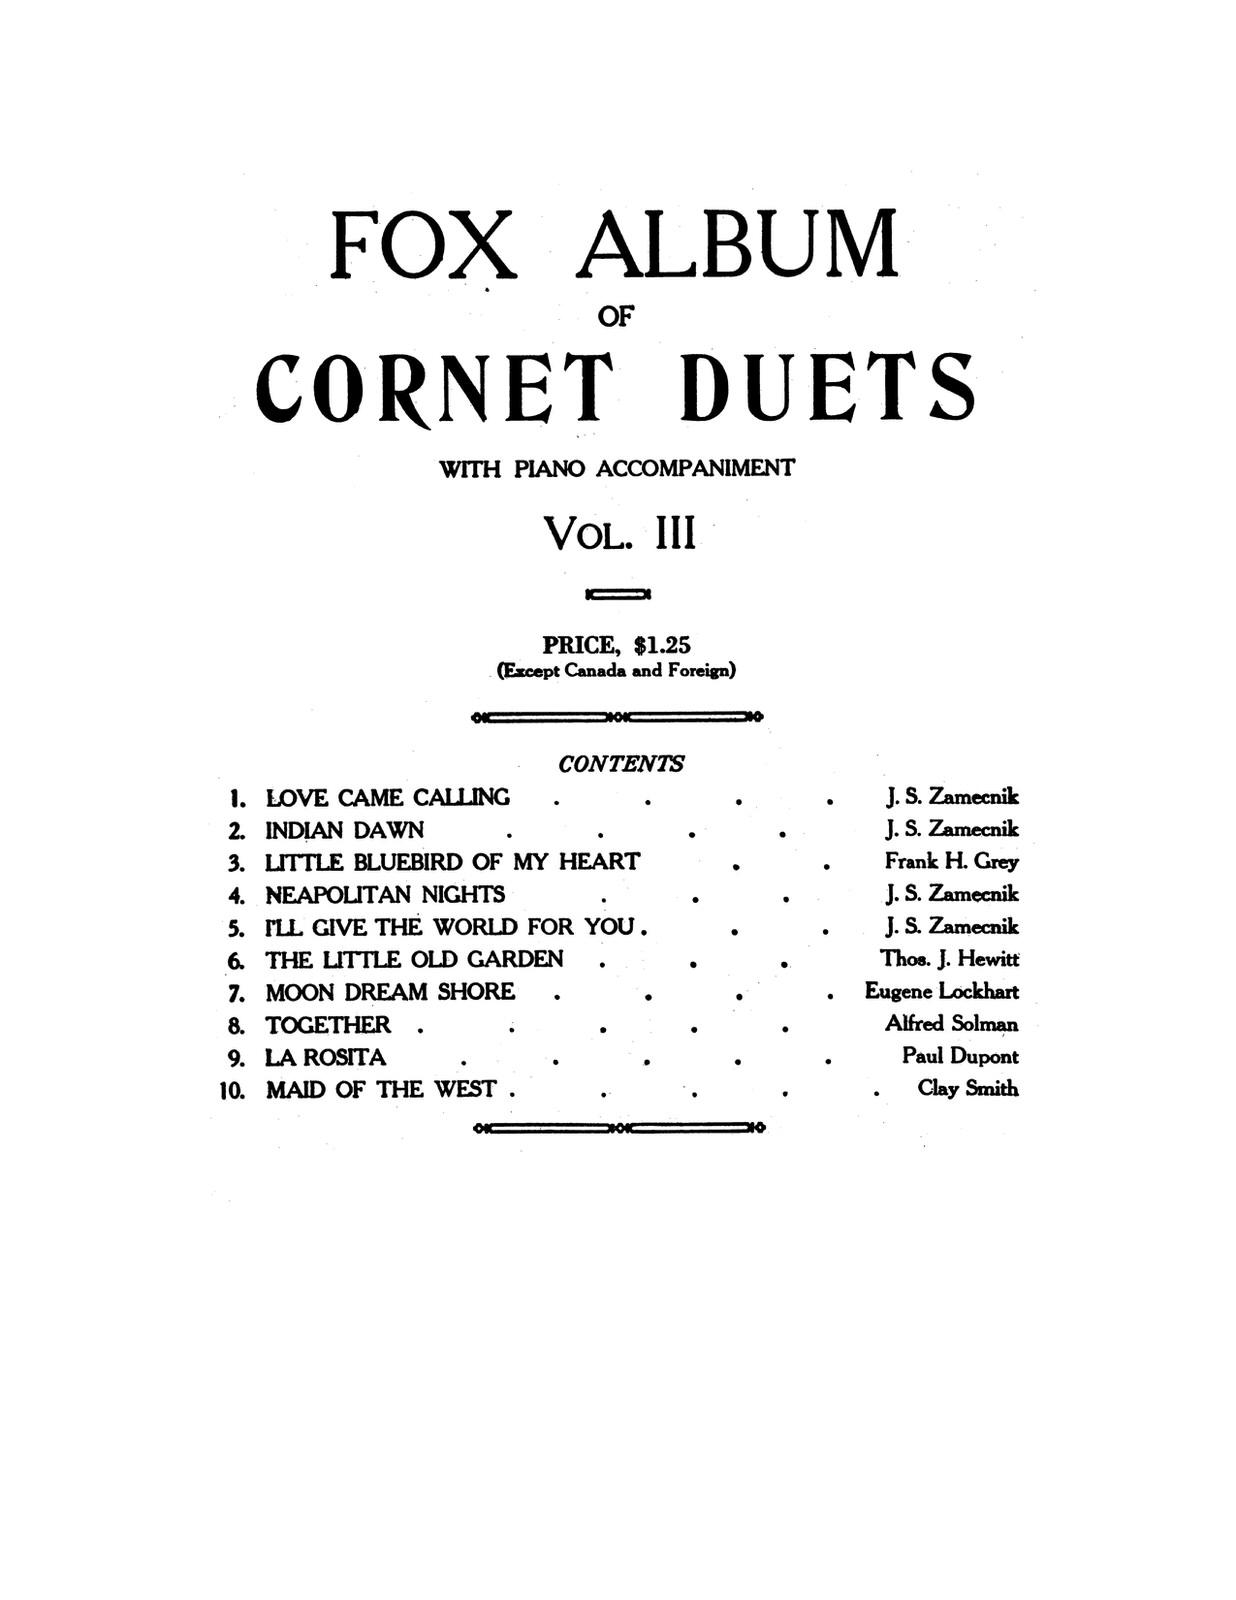 Fox Album of Cornet Duets Vol.3-p27